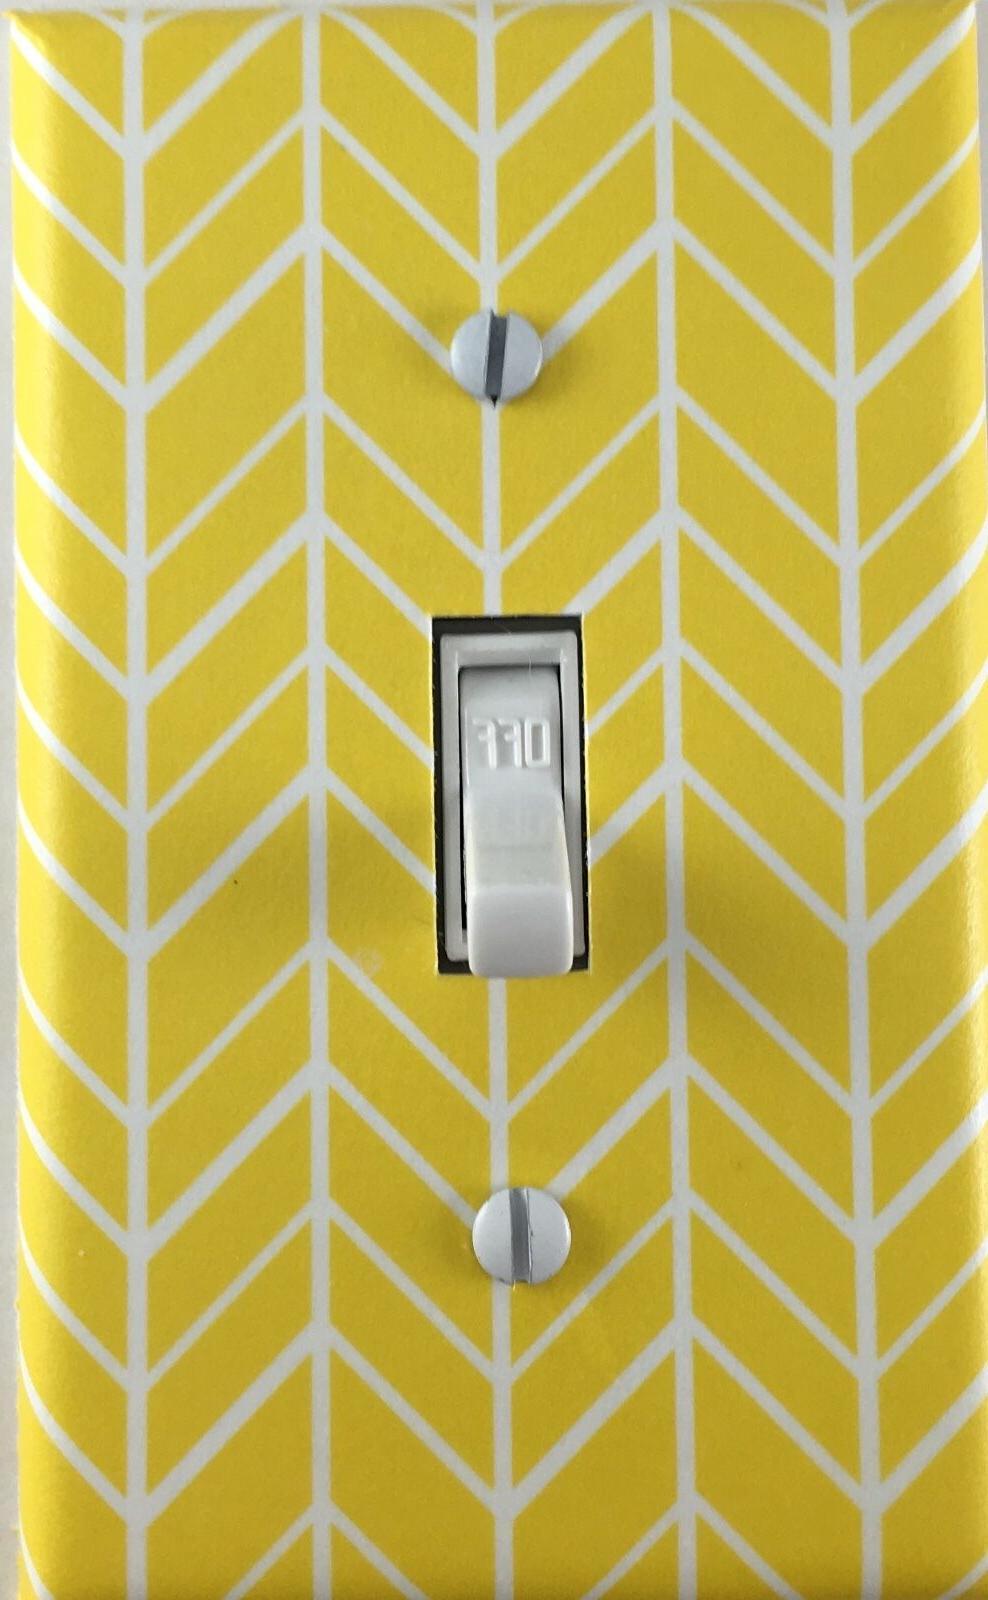 decorative single toggle light switch wall plate